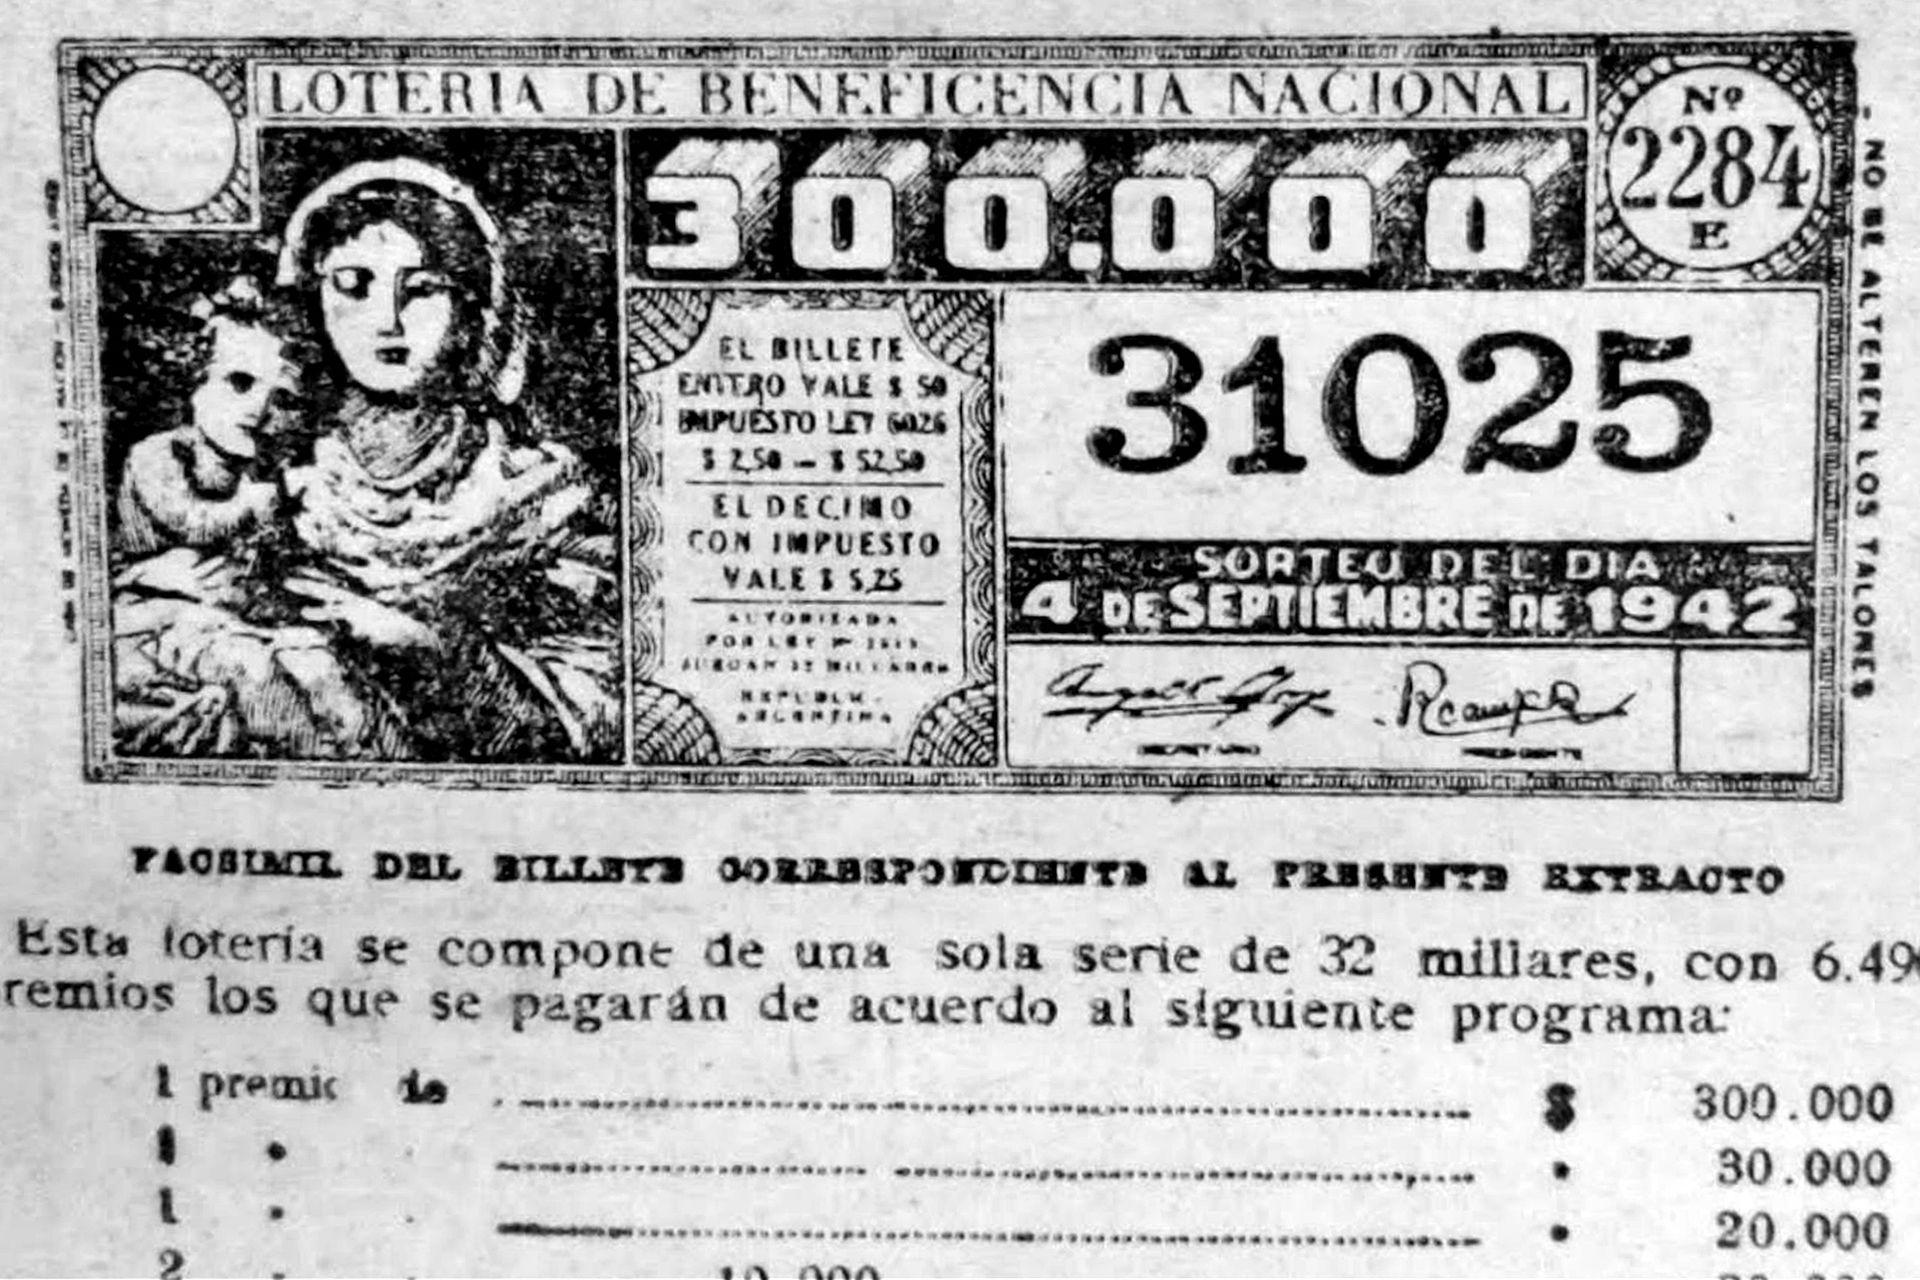 Así era el billete de la trampa de la Lotería de Beneficencia Nacional